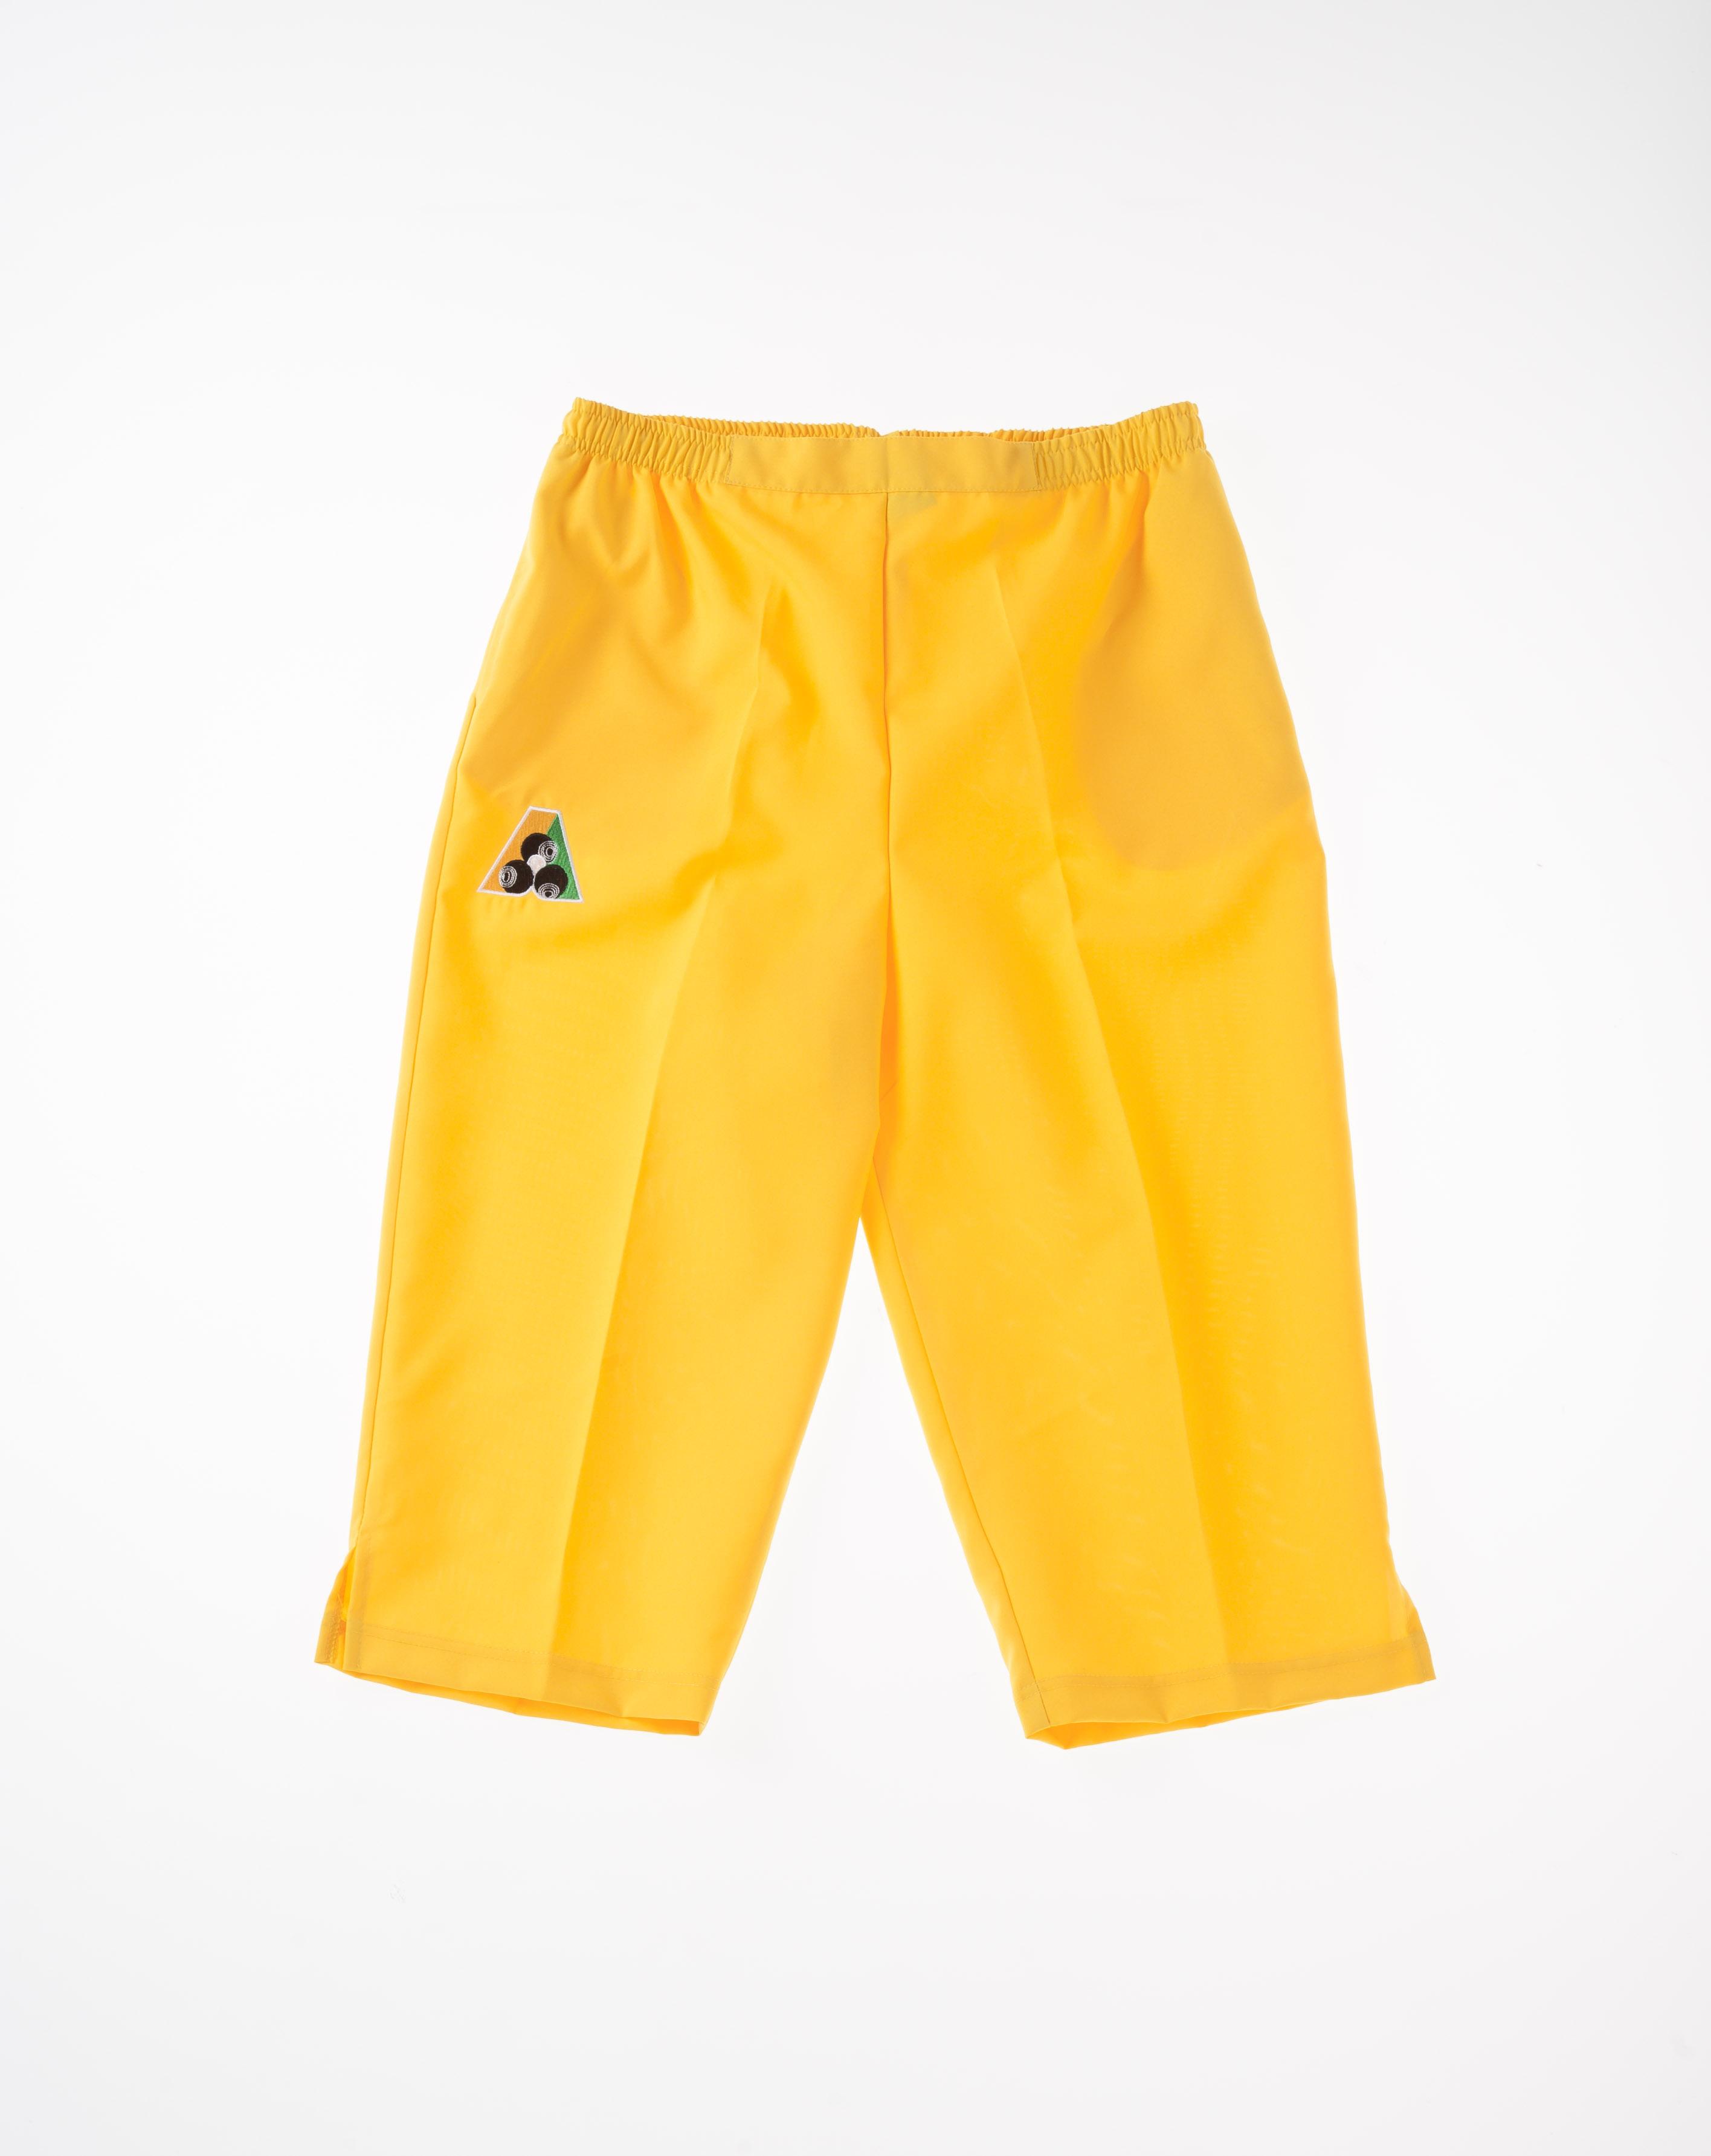 Neerim Bowls Club shorts